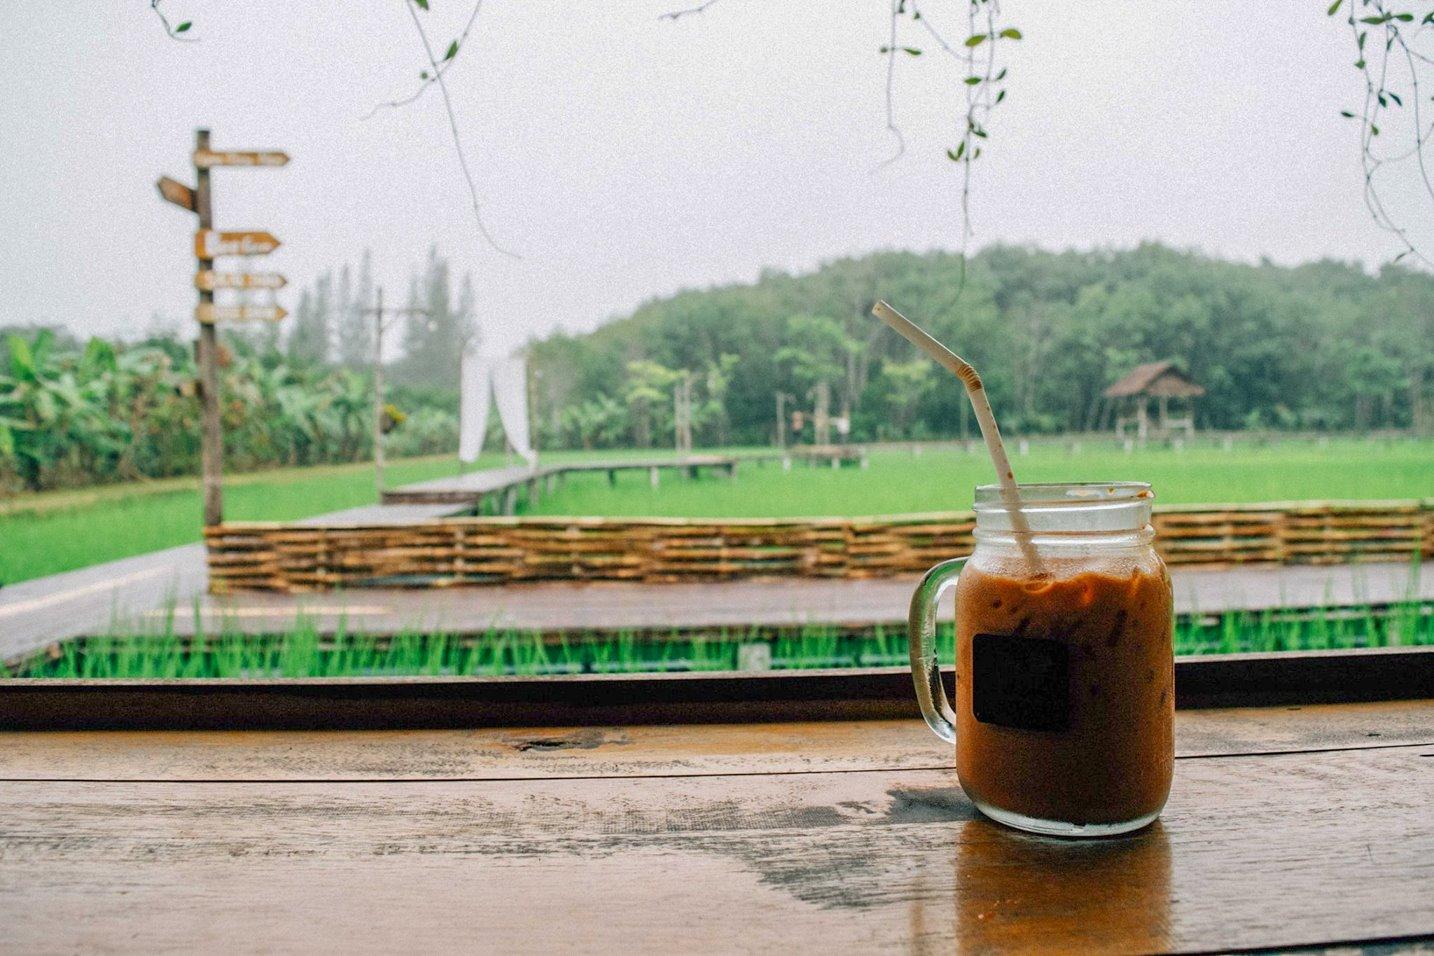 คาเฟ่สวย,วิวหลักล้าน,นครศรีธรรมราช,รวมcafe,คาเฟ่,ร้านอาหาร,ร้านกาแฟ,ภูเขา